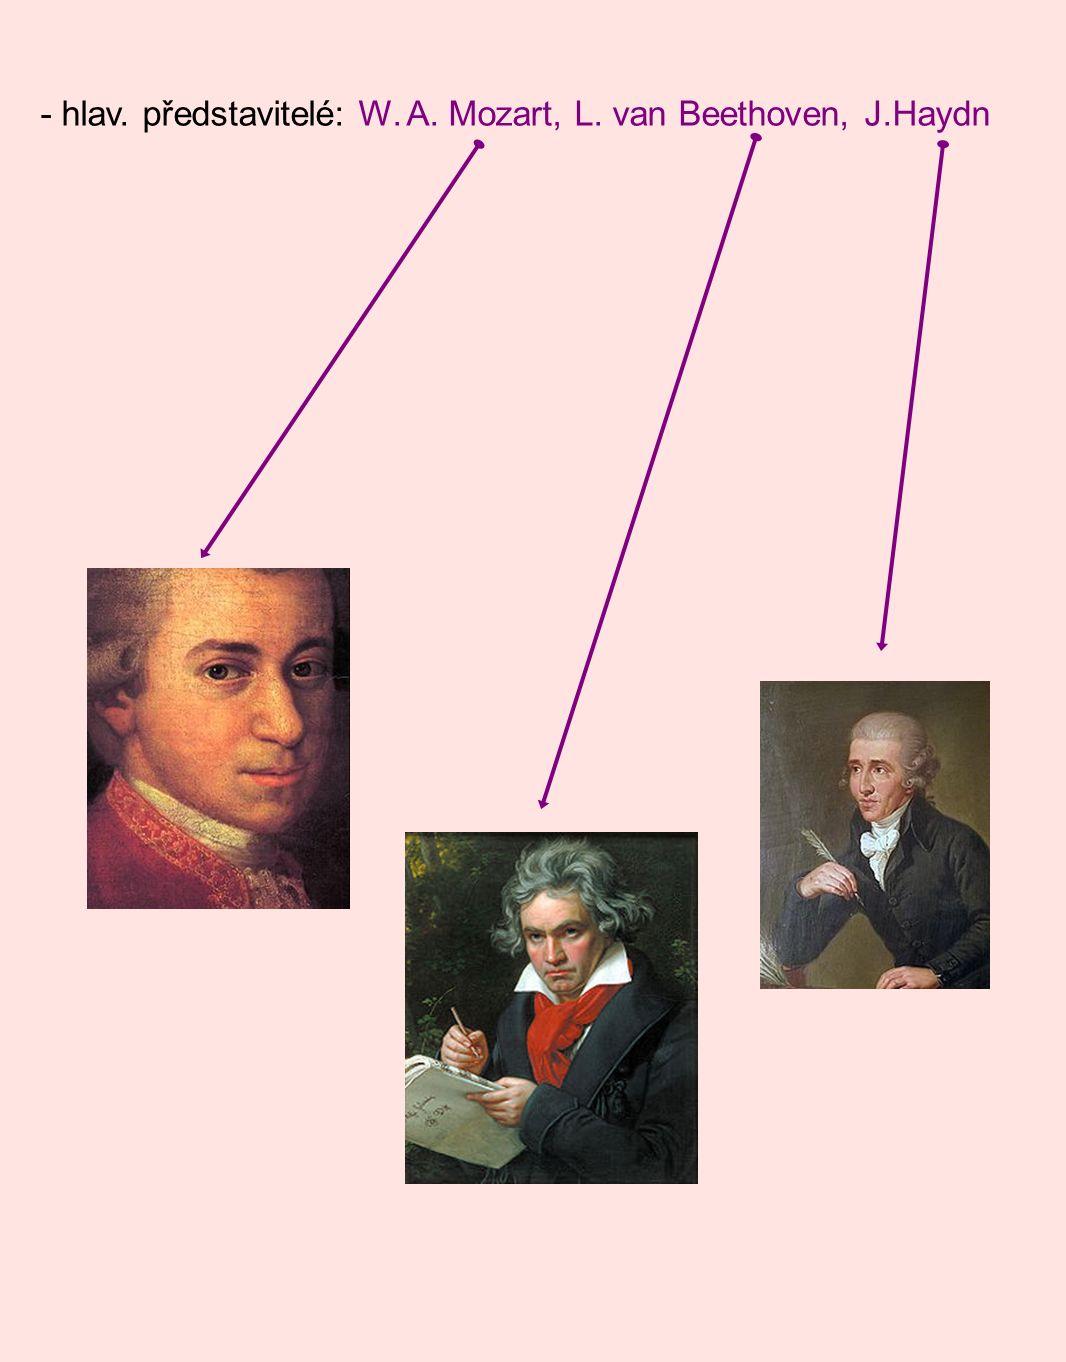 - hlav. představitelé: W. A. Mozart, L. van Beethoven, J.Haydn